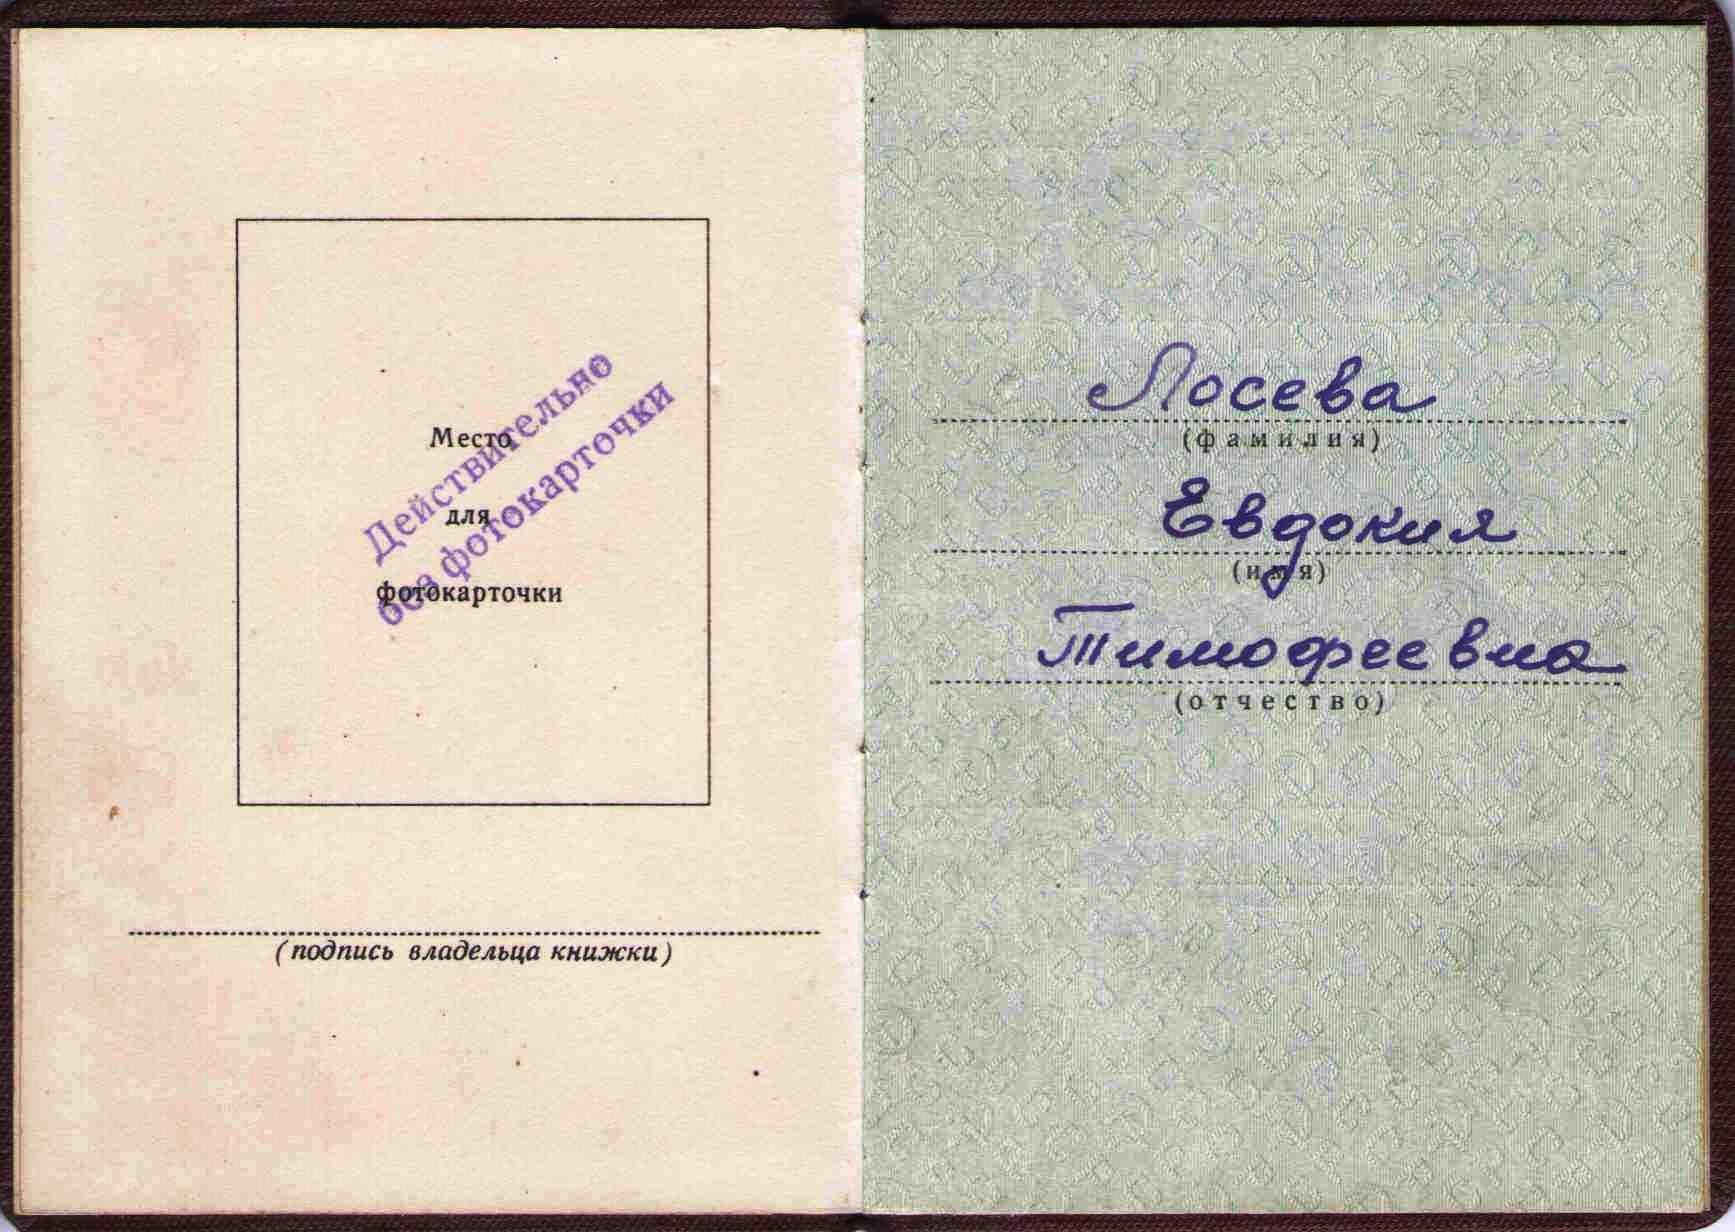 20. Орденская книжка 3 степени, 1960